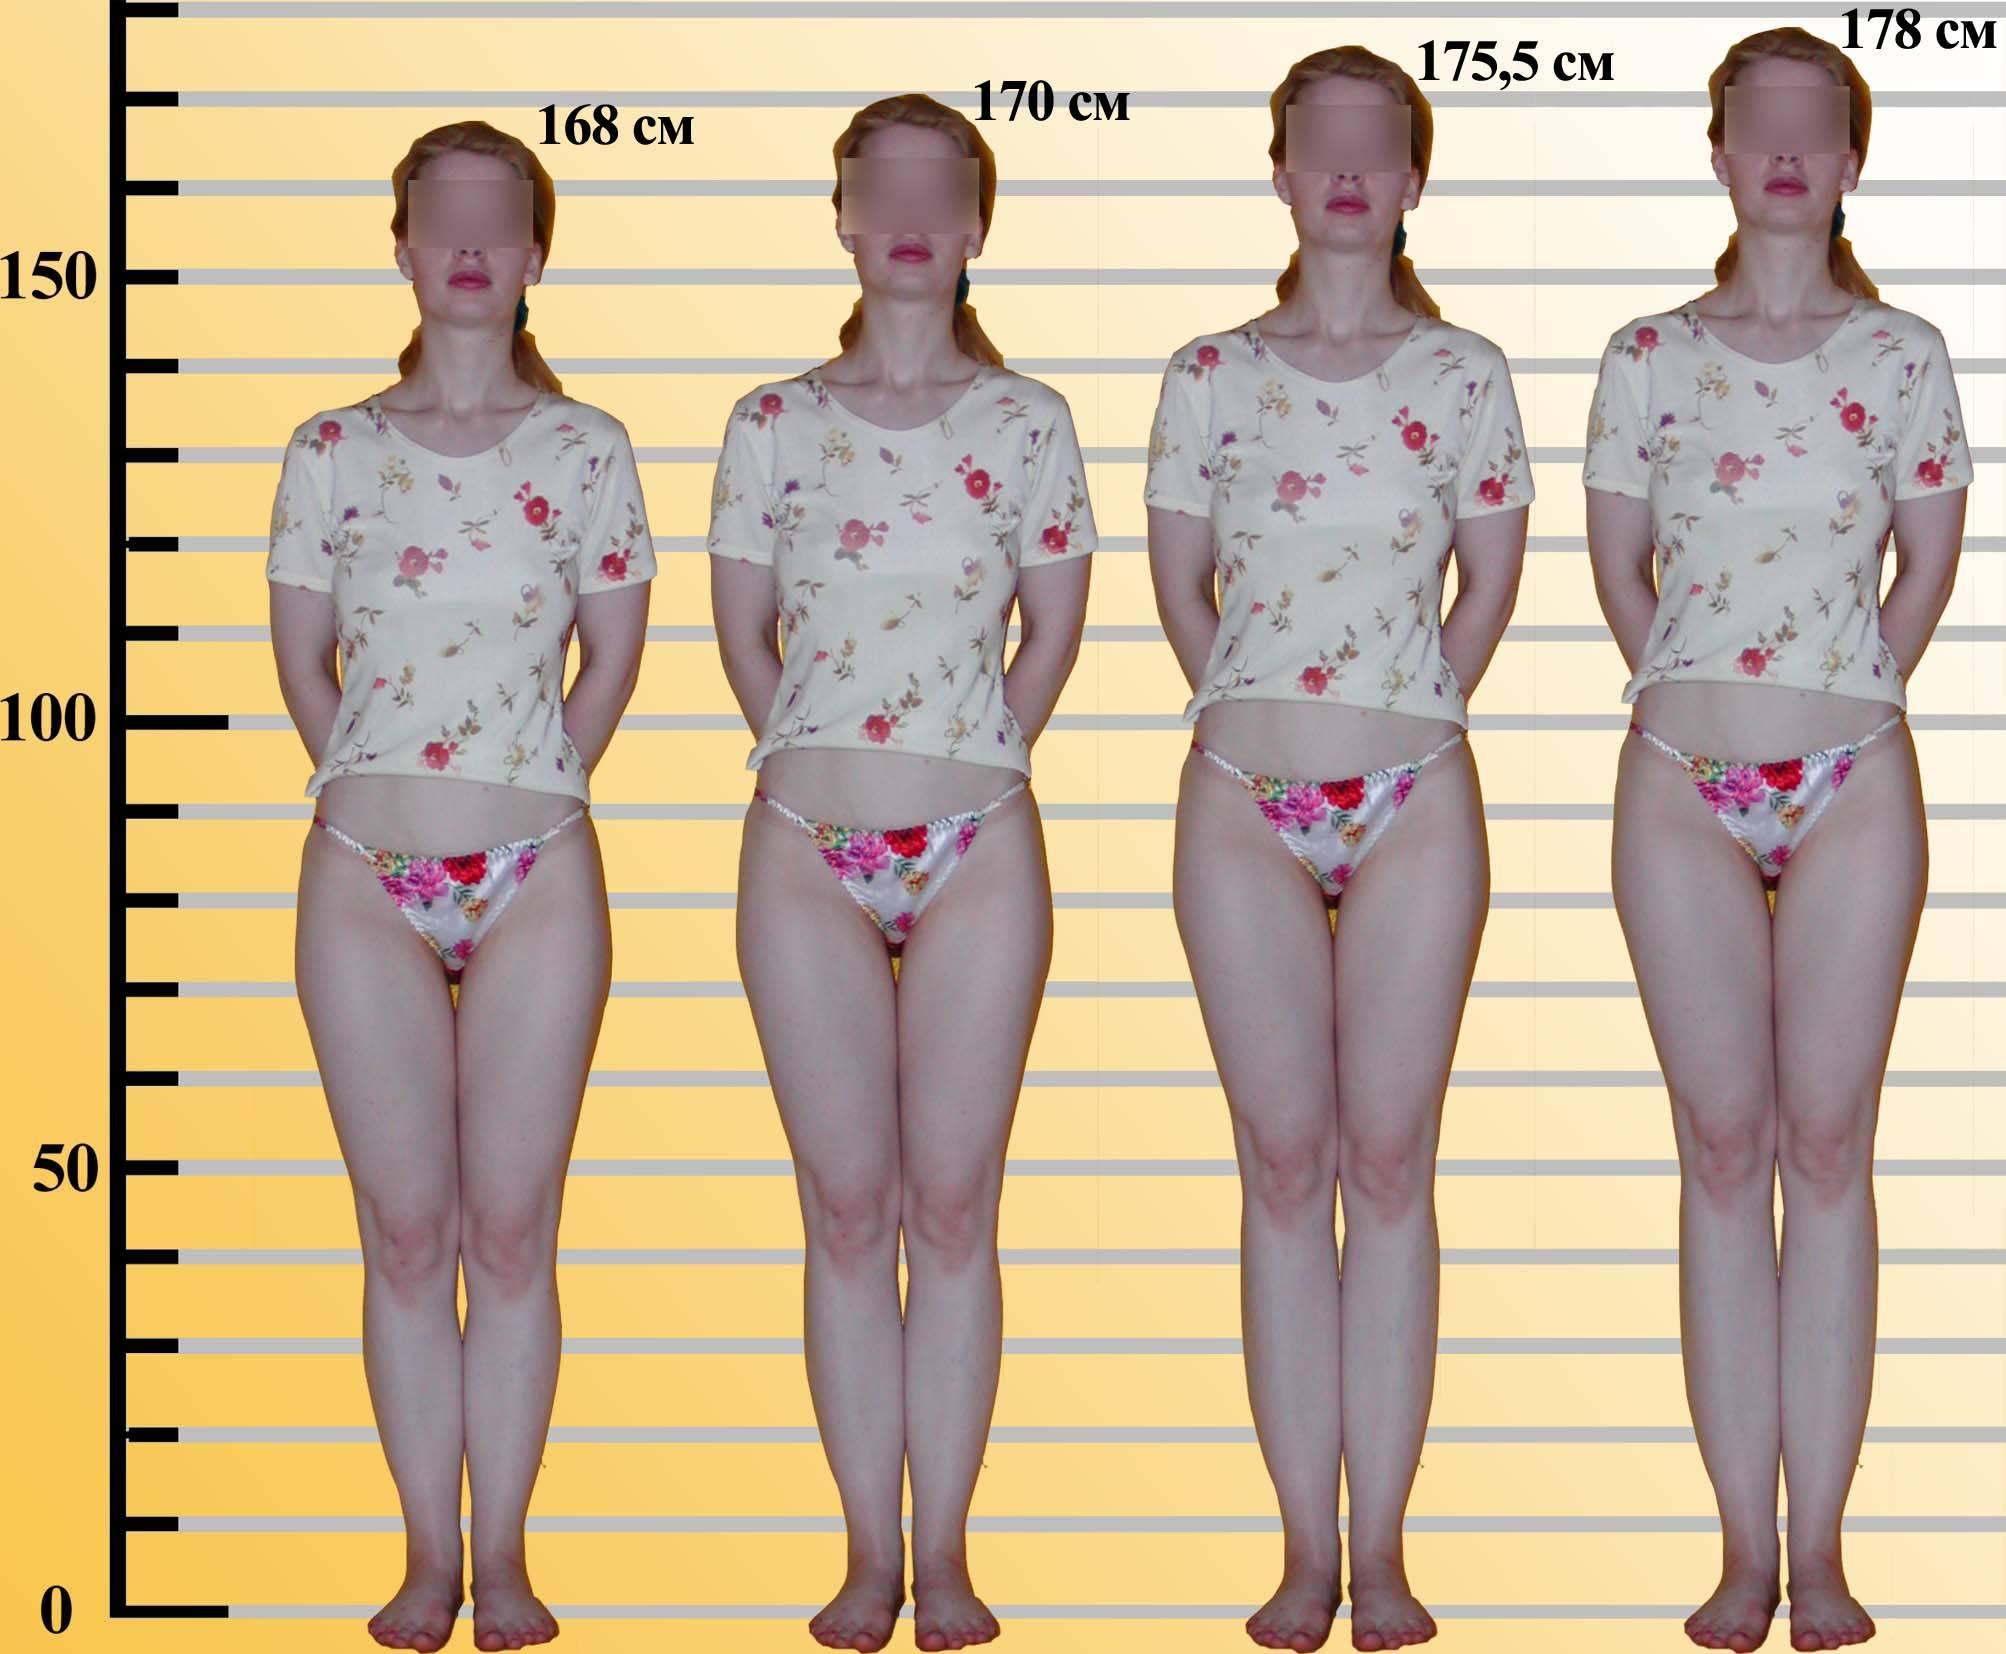 Когда начинает расти грудь у девочки? 8 лет - это рано?